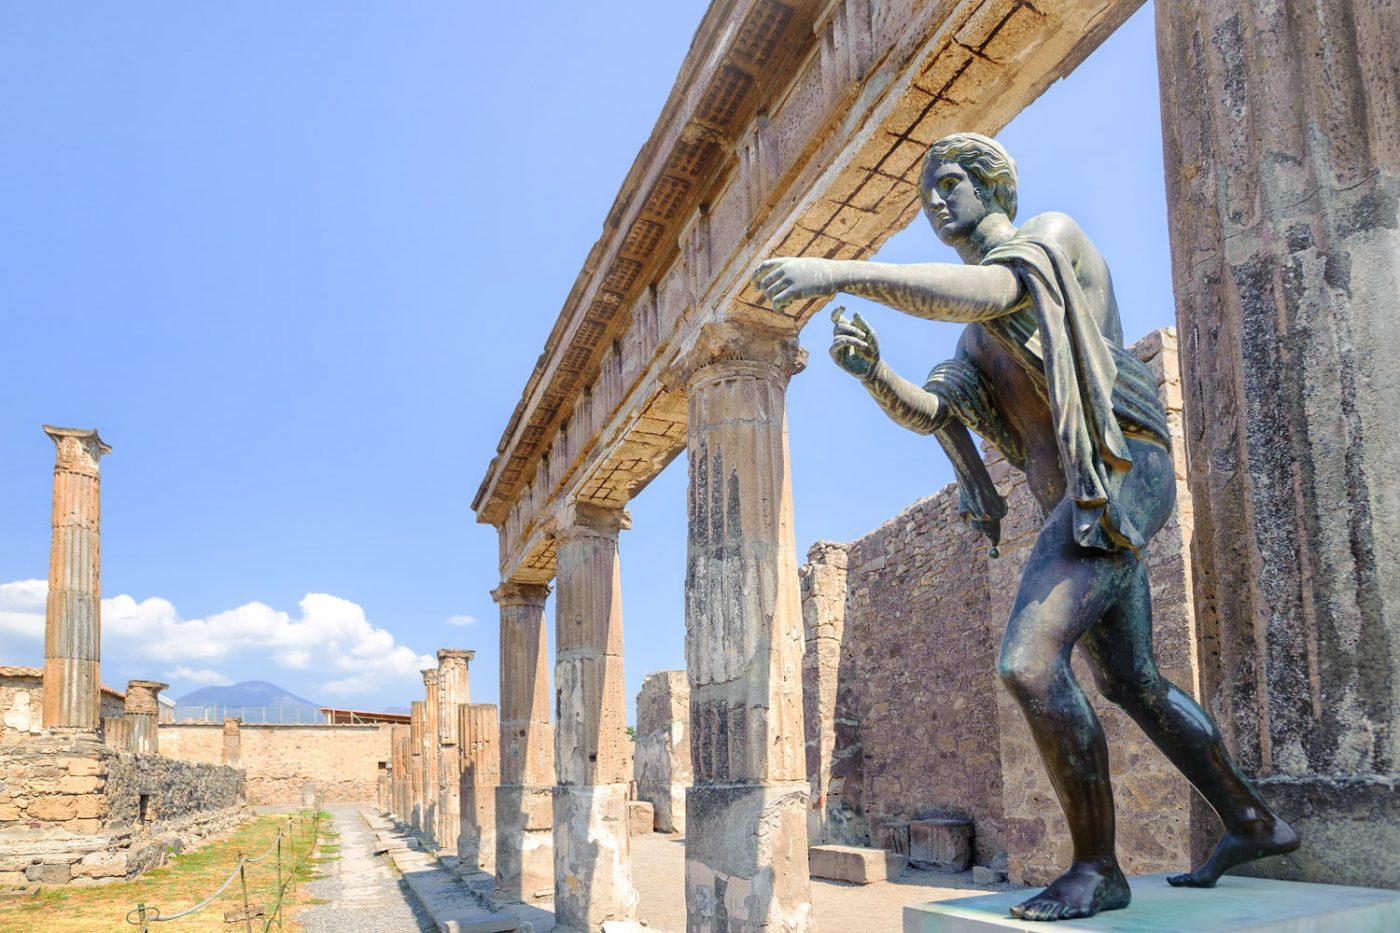 Die Ruinen von Pompei, Italien.